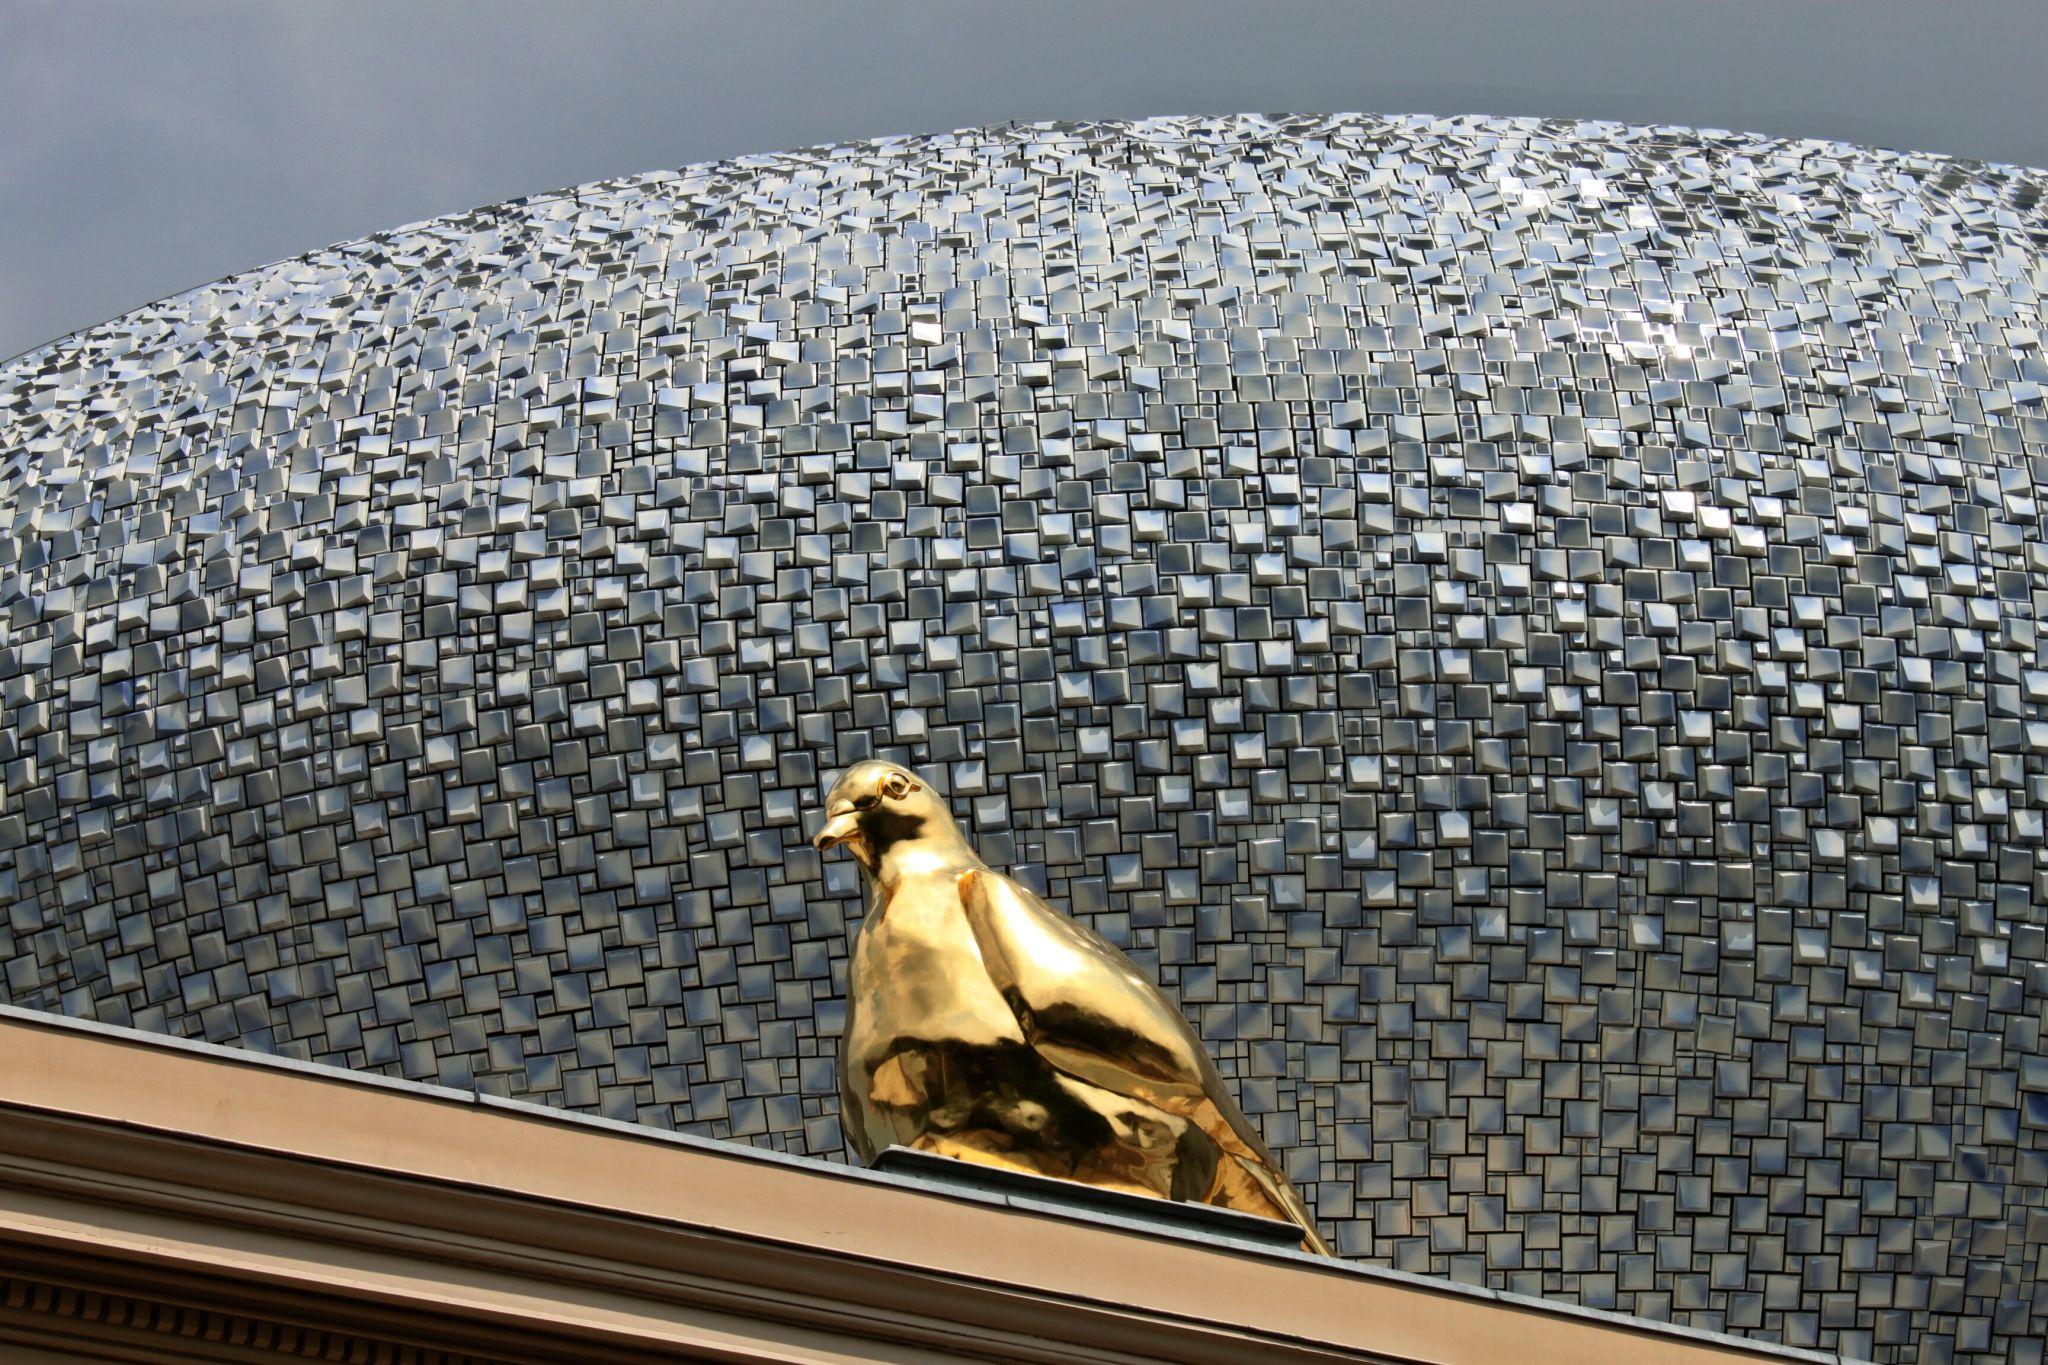 Dach auf dem Museum in Zwolle, Netherlands